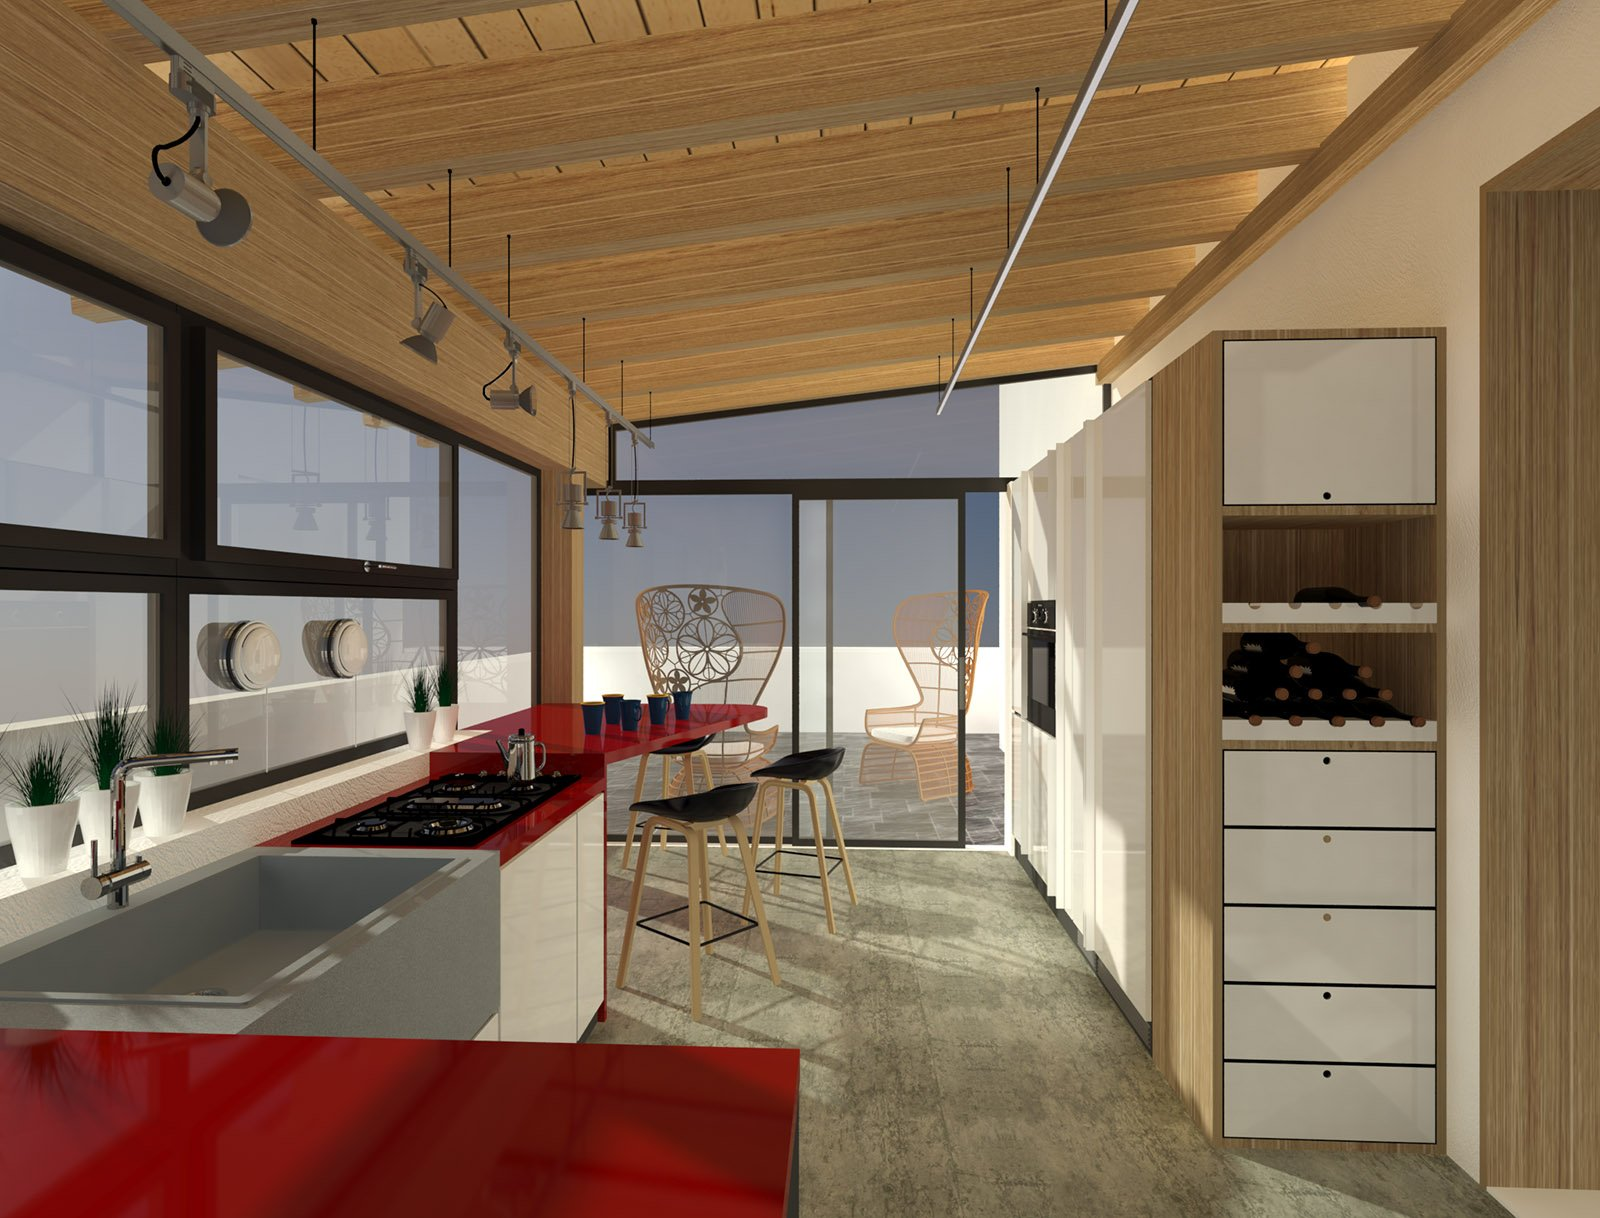 lavatrice sul balcone verandato : Spostare la cucina sul terrazzo sfruttando il Piano casa - Cose di ...